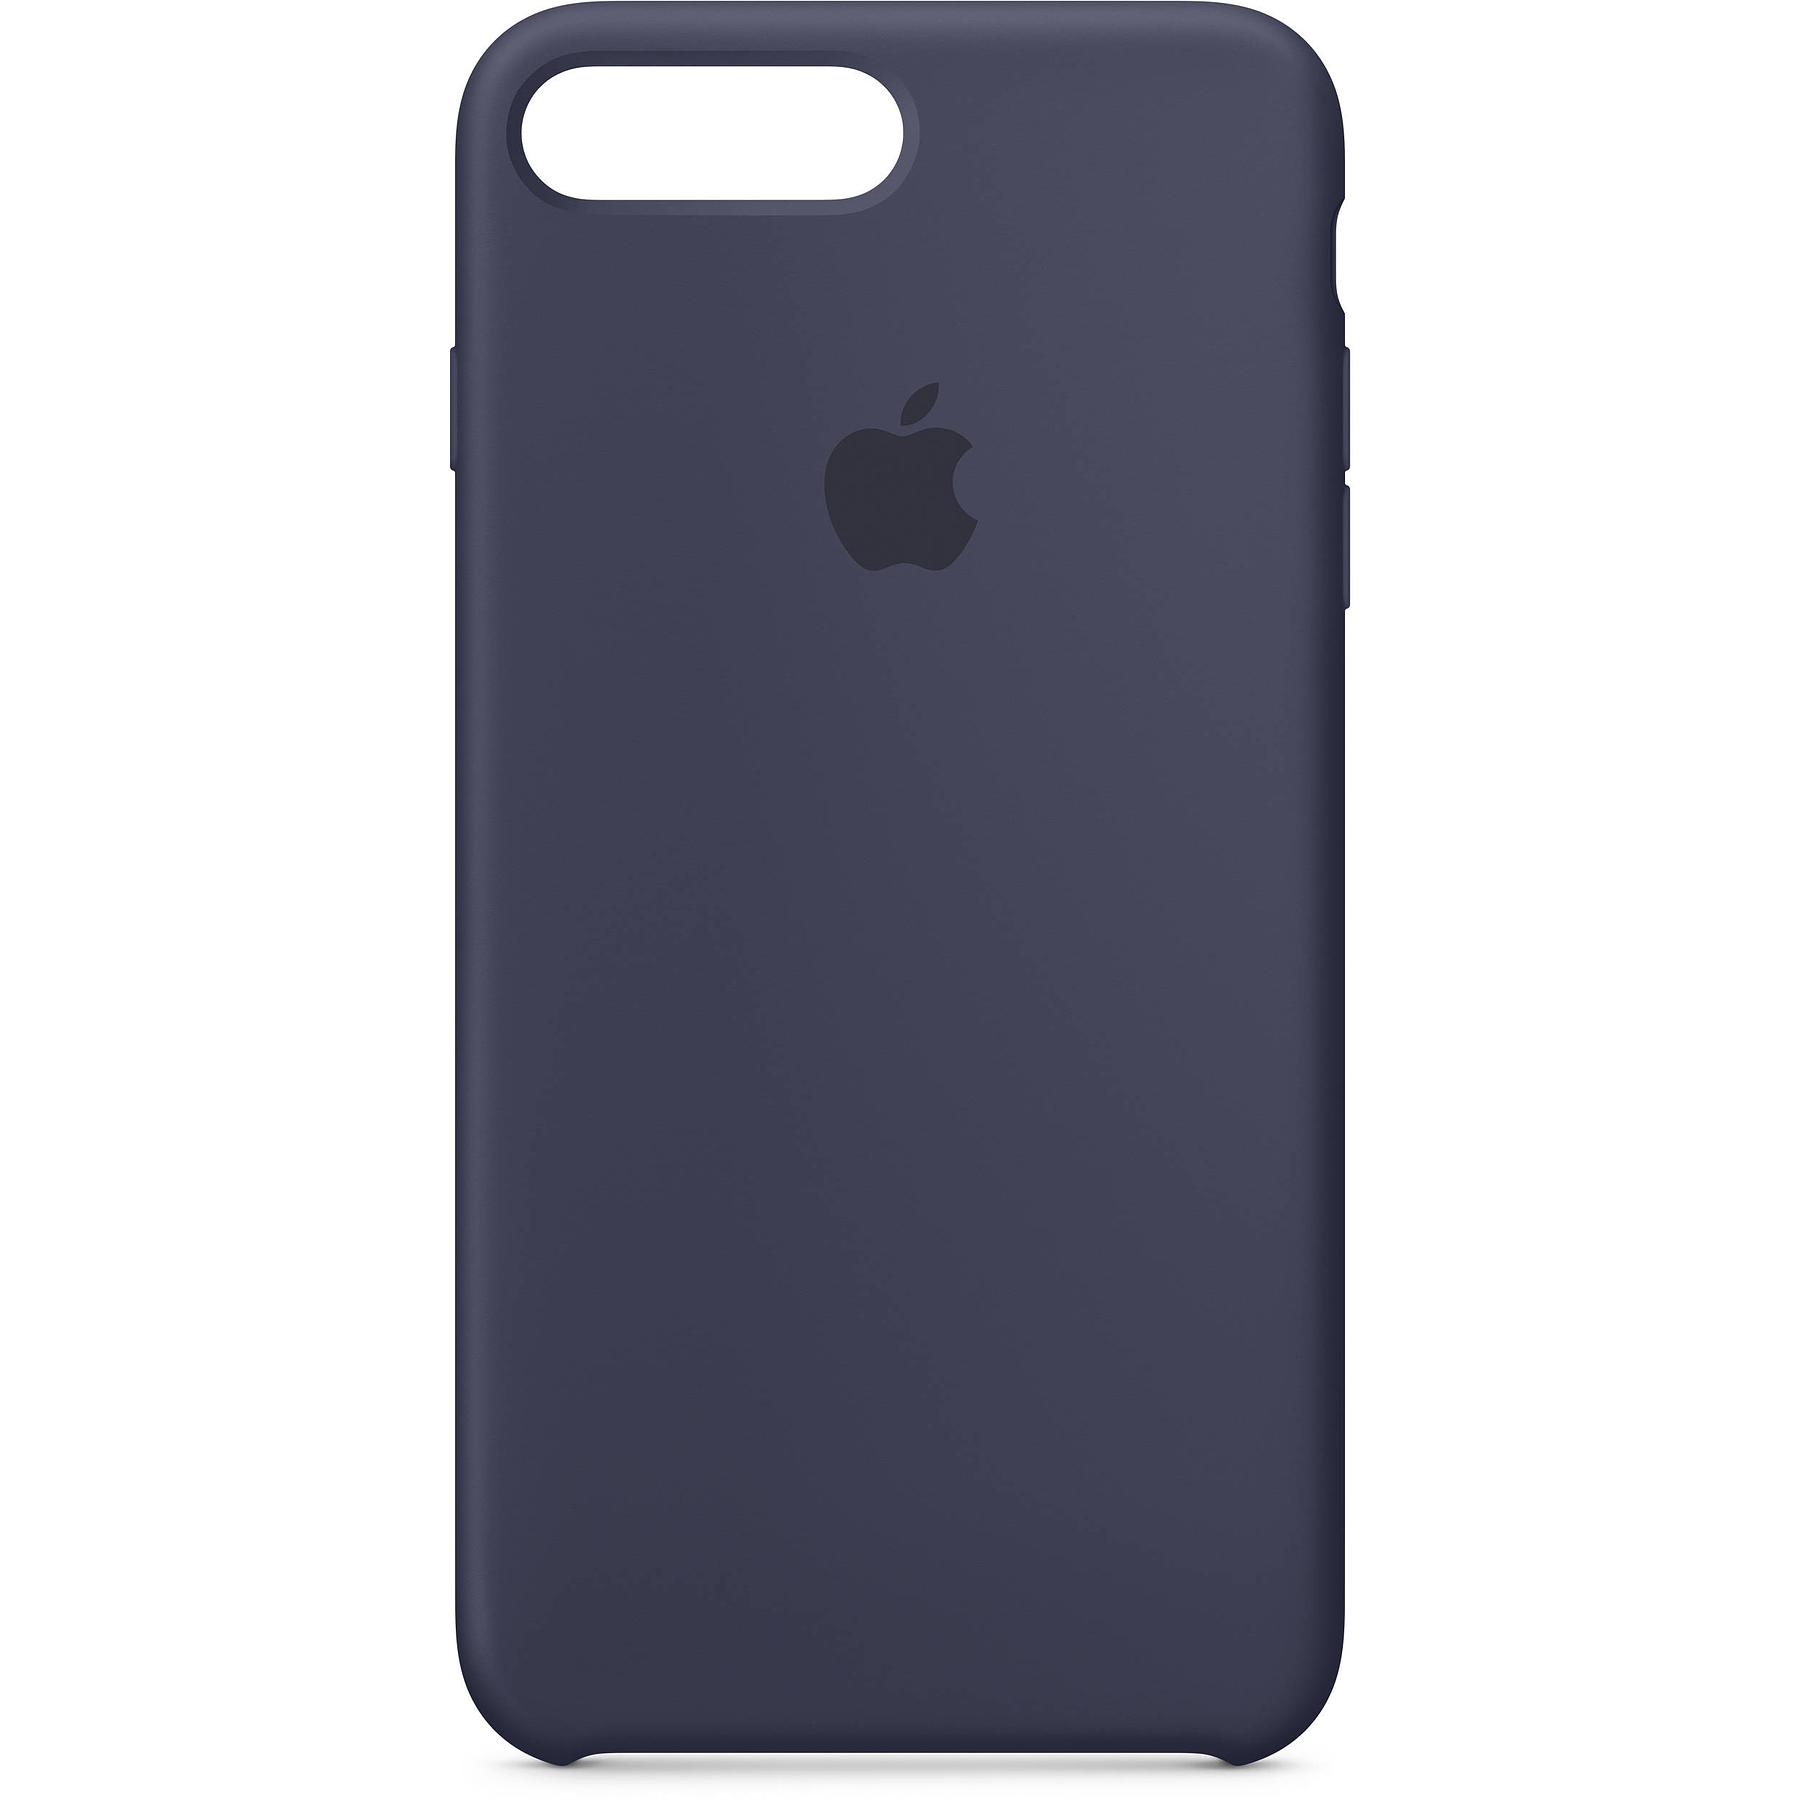 iPhone 7 Plus / 8 Plus - Carcasas